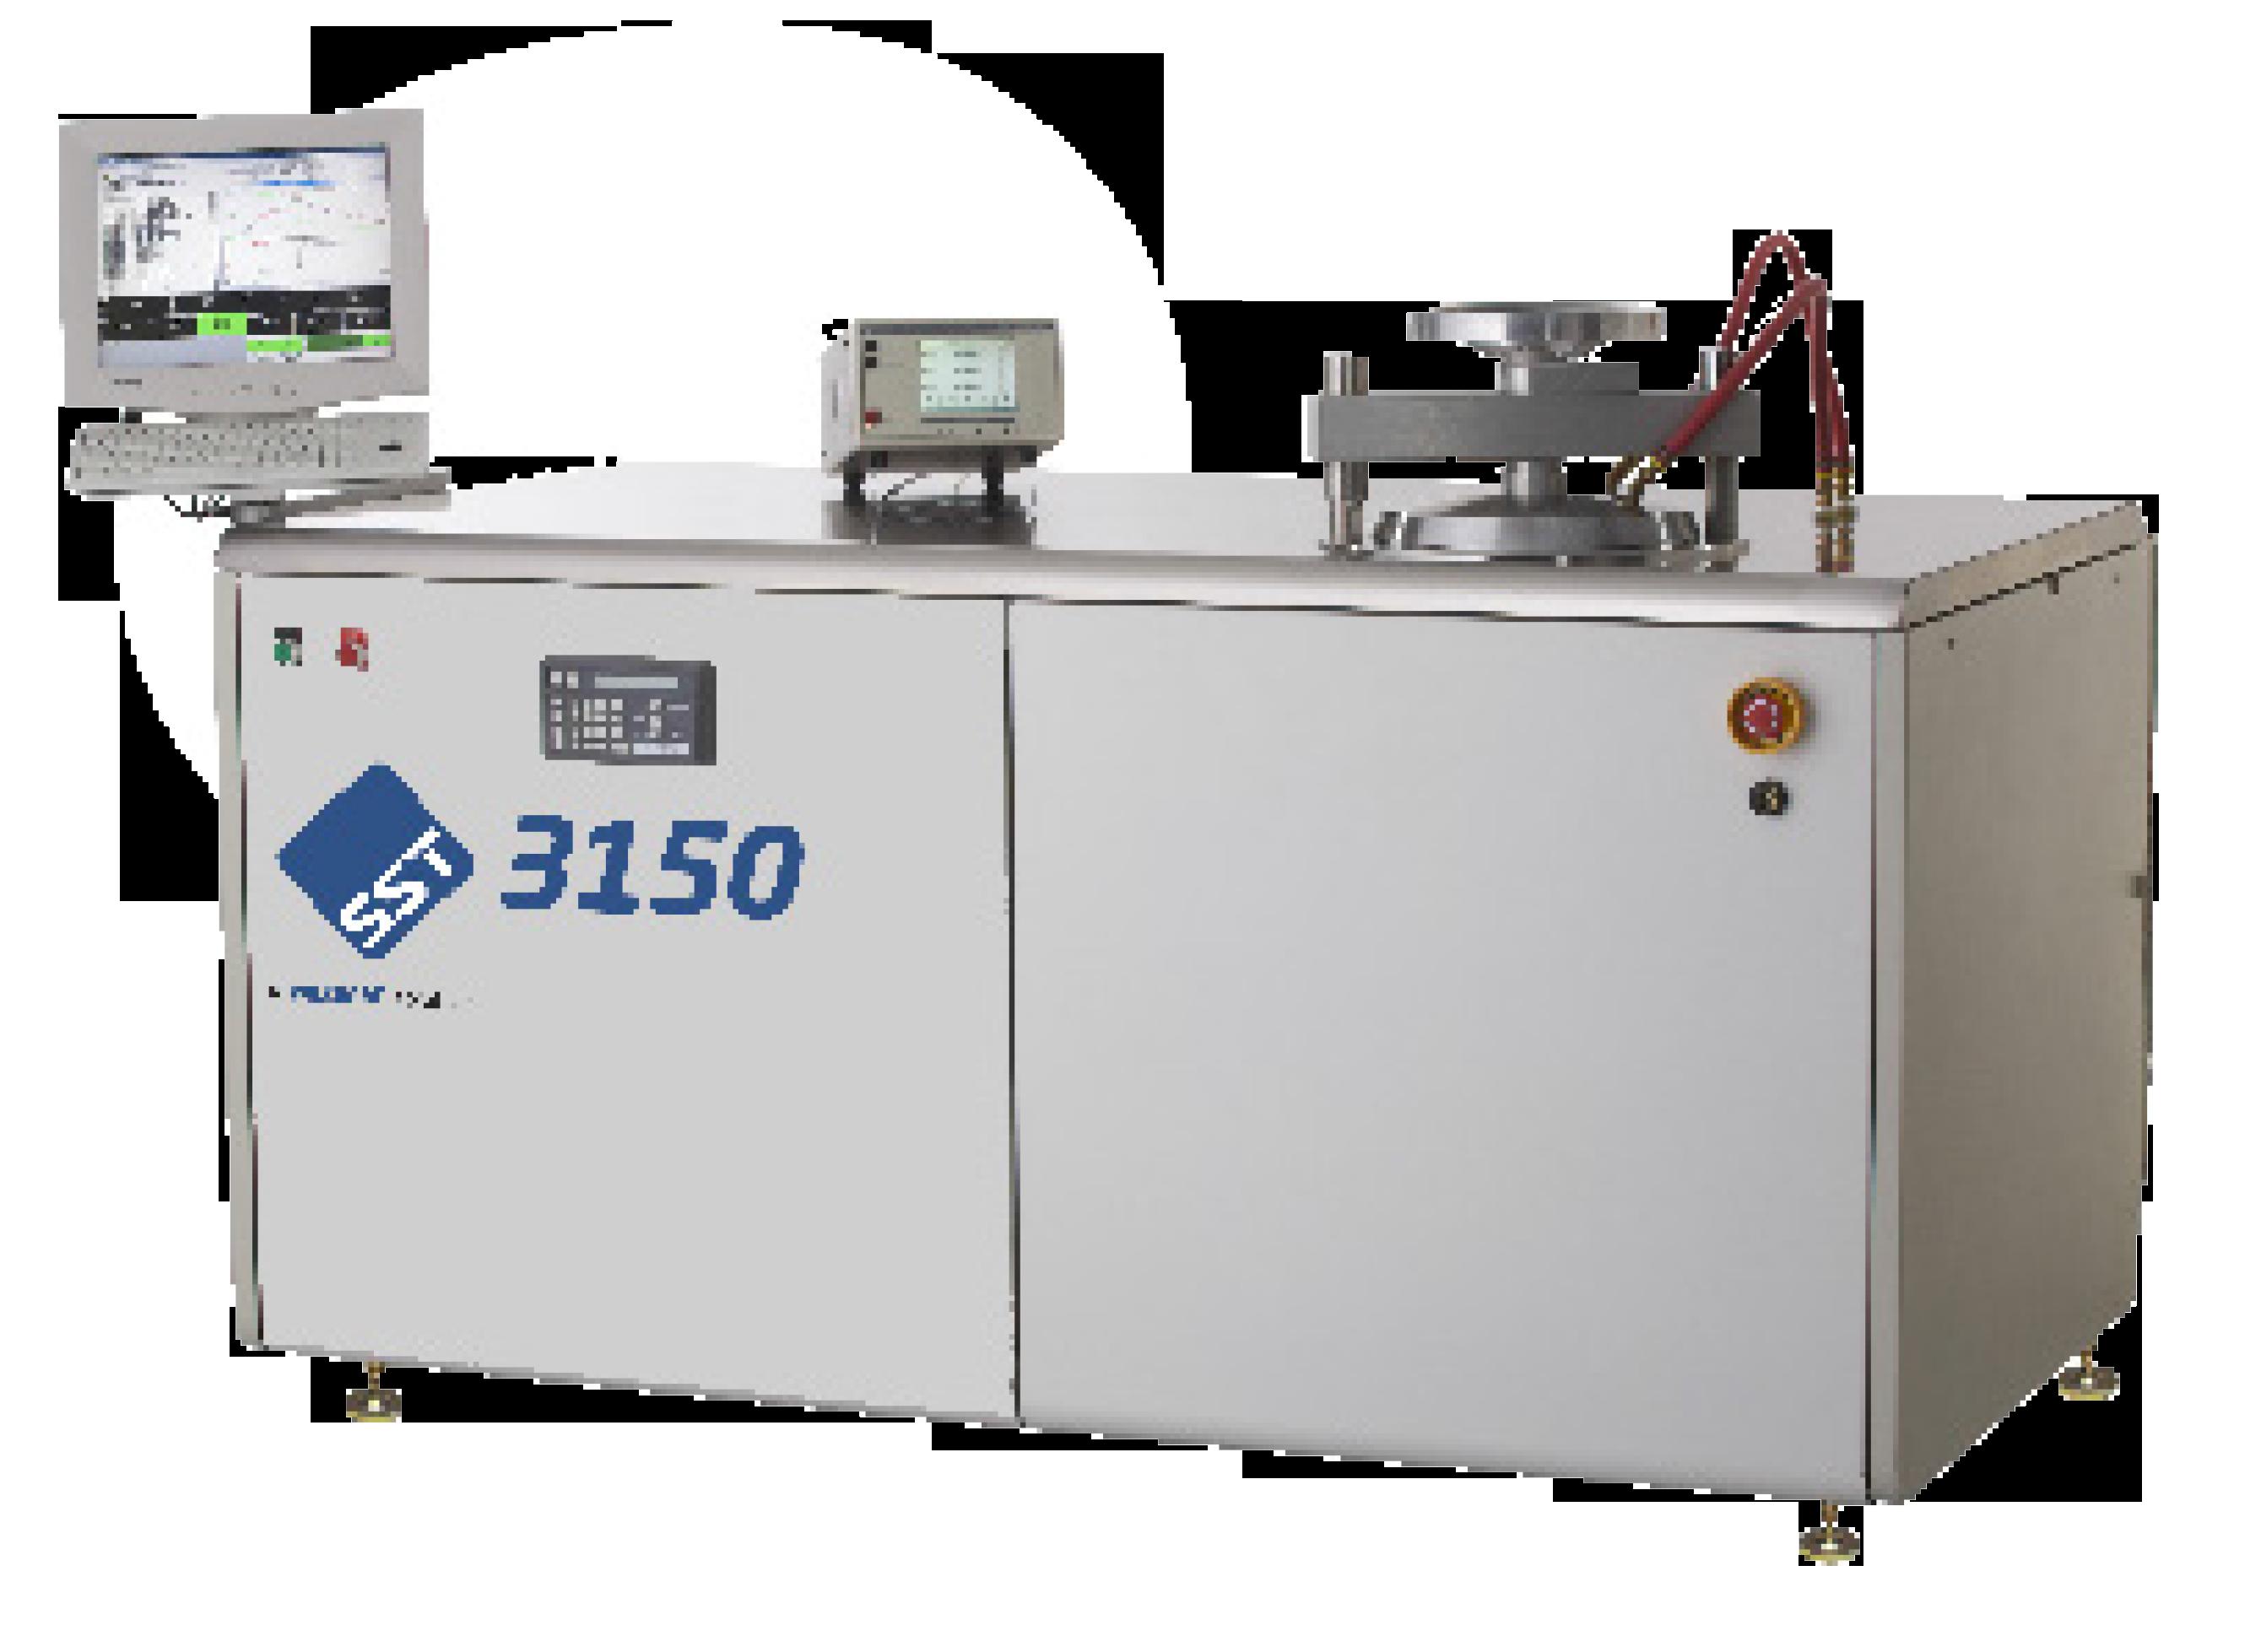 SST3150